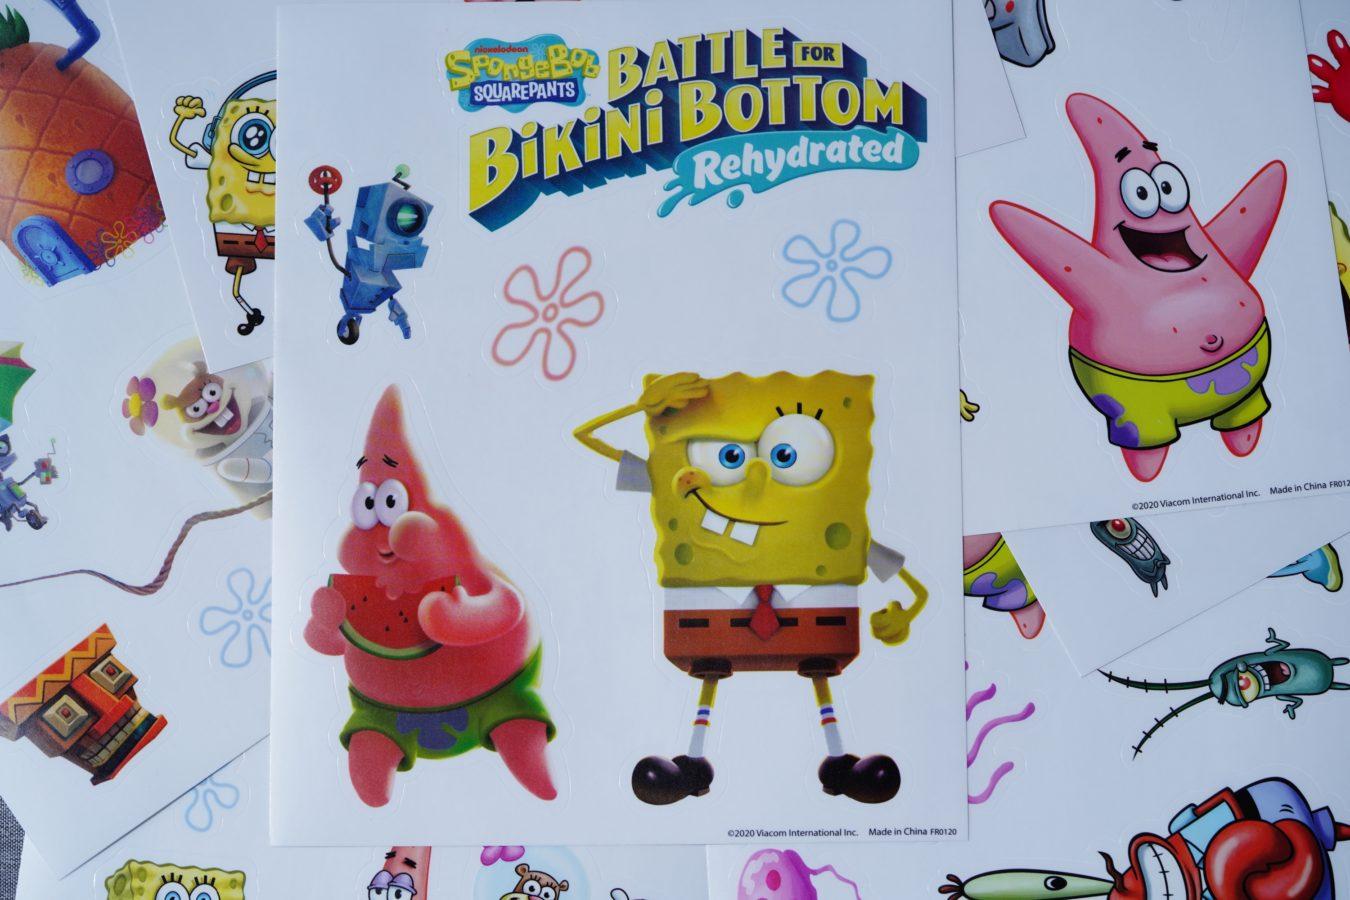 Unboxing ogromnej edycji kolekcjonerskiej SpongeBob SquarePants: Battle for Bikini Bottom Rehydrated F.U.N. Edition 43